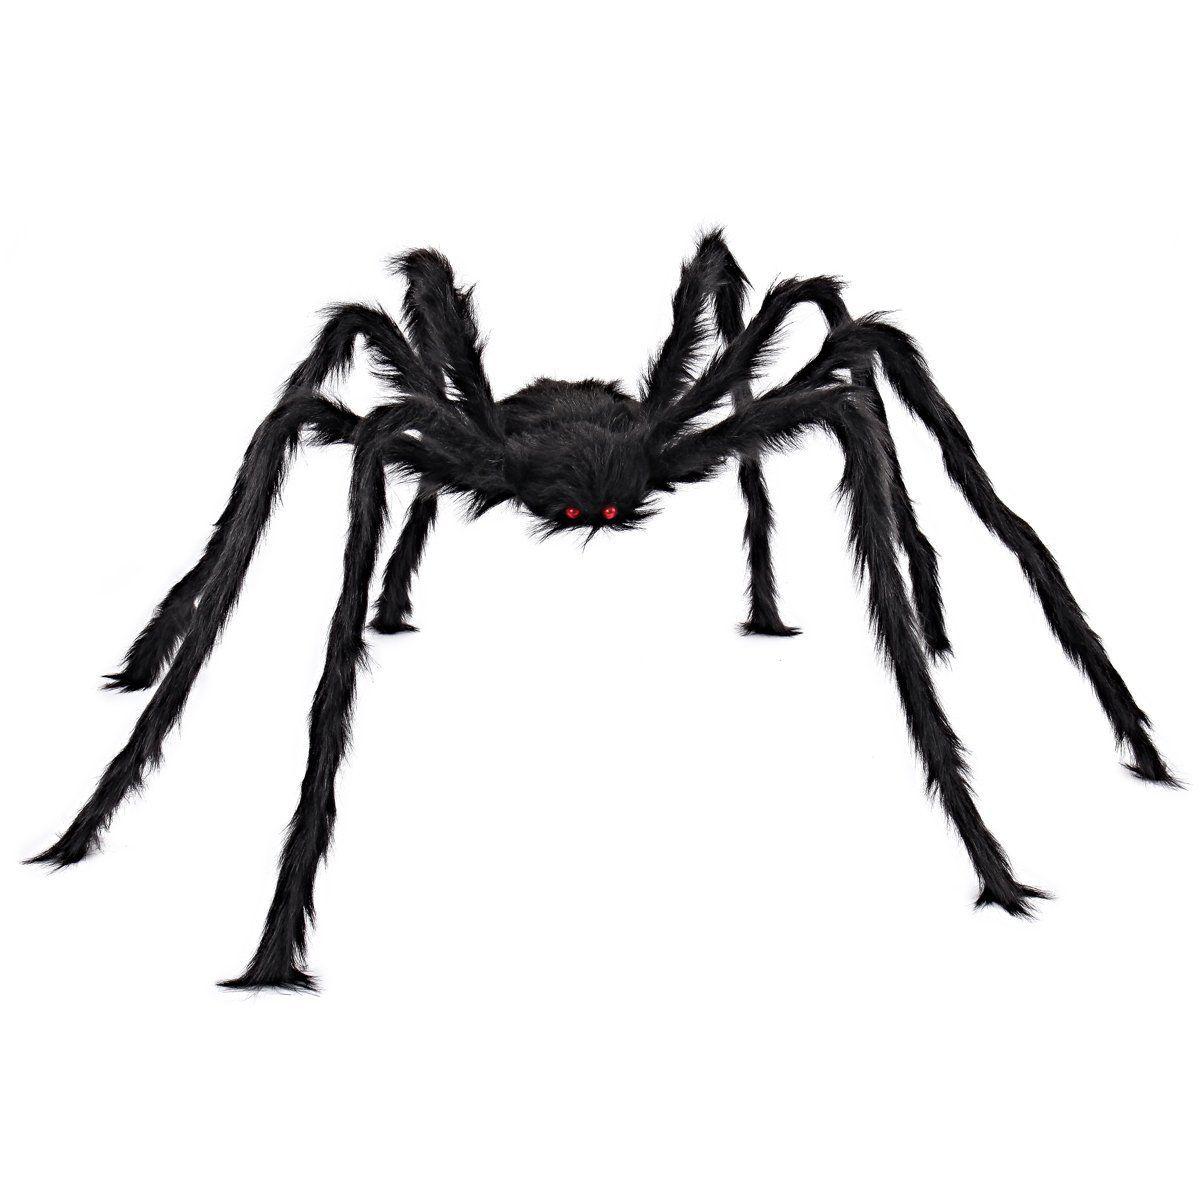 5FT / 150cm Волосатые гигантские украшения паук Огромный Хэллоуин На открытом воздухе Декоративные игрушки для вечеринки